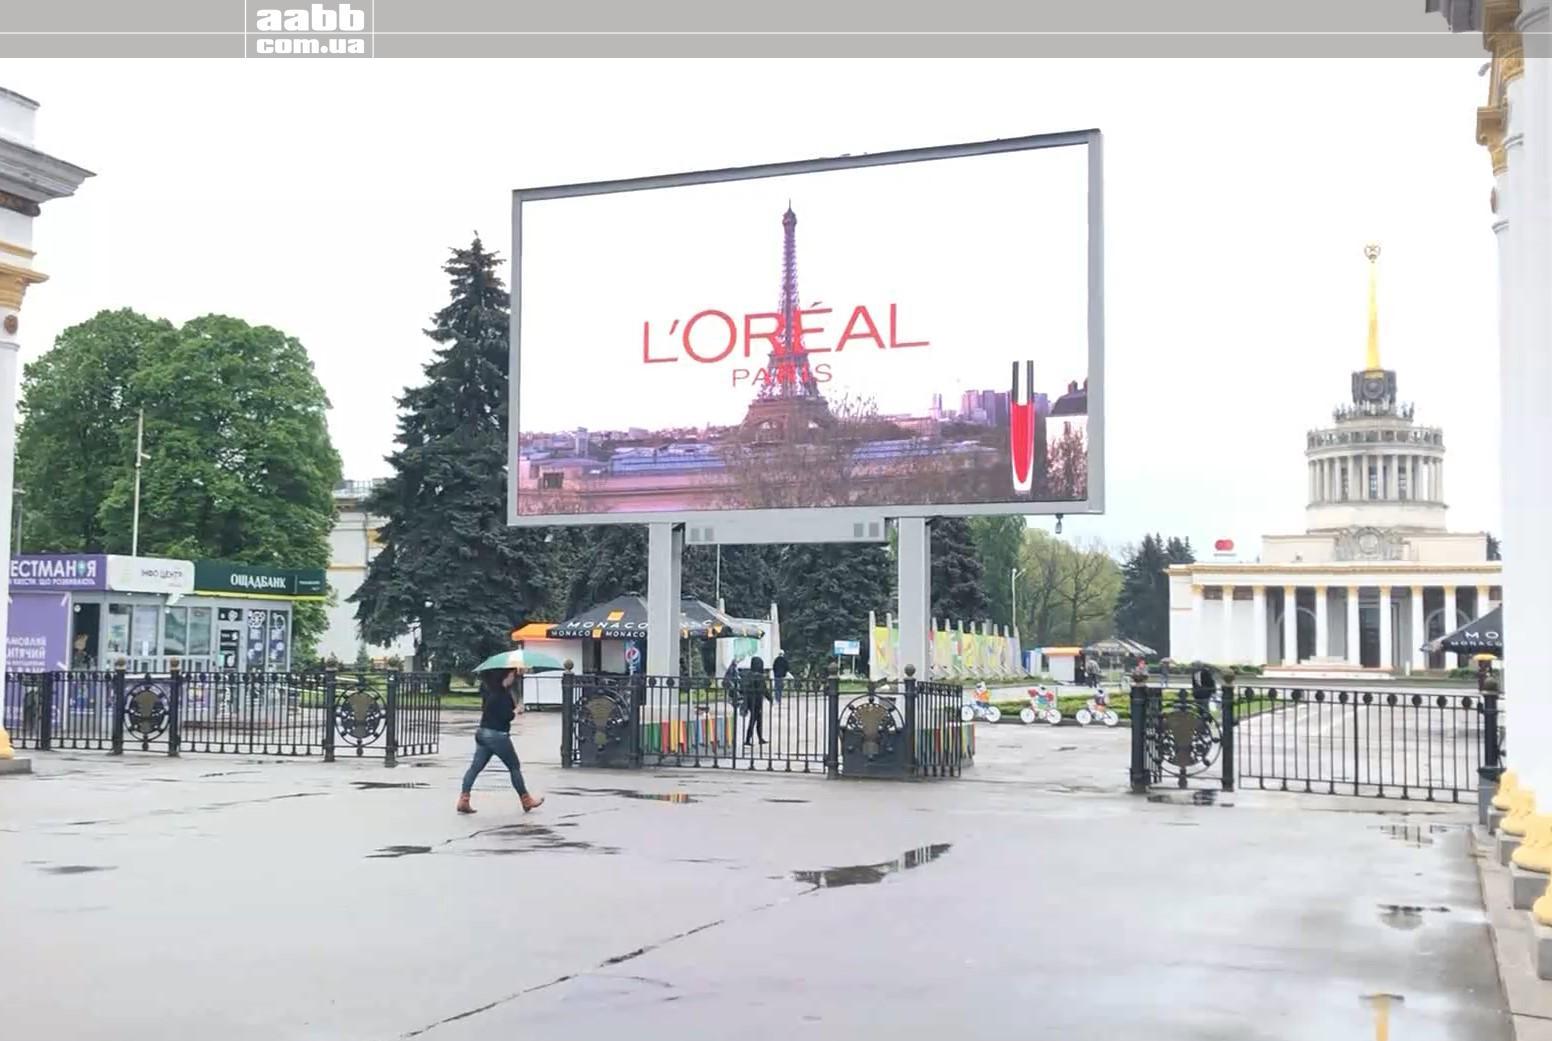 Реклама на відеоборді ВДНГ (травень 2019)